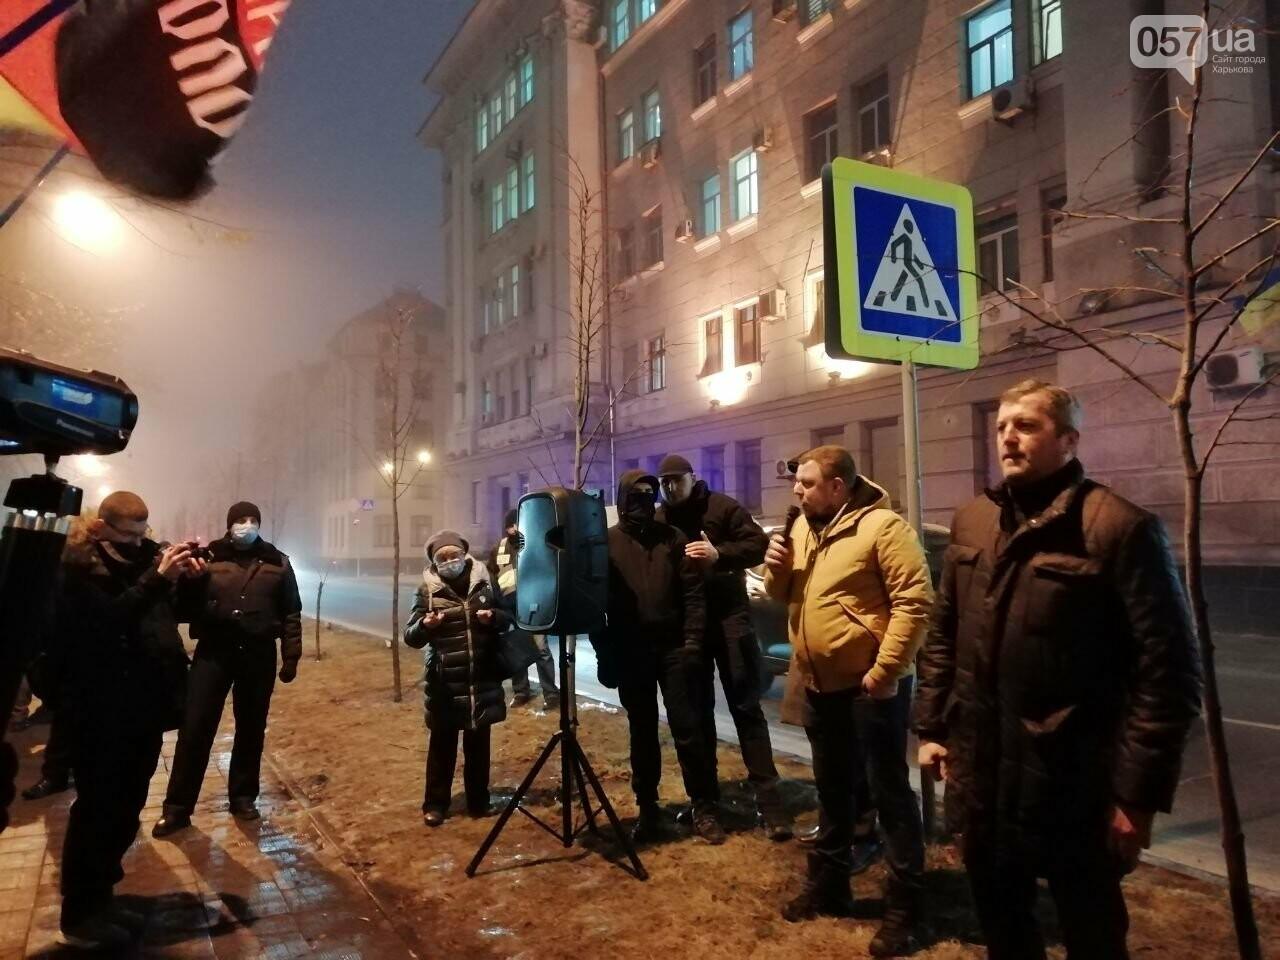 «Мусора - не люди»: из-за слов Авакова в центре Харькова активисты пикетировали облуправление полиции, - ФОТО, фото-11